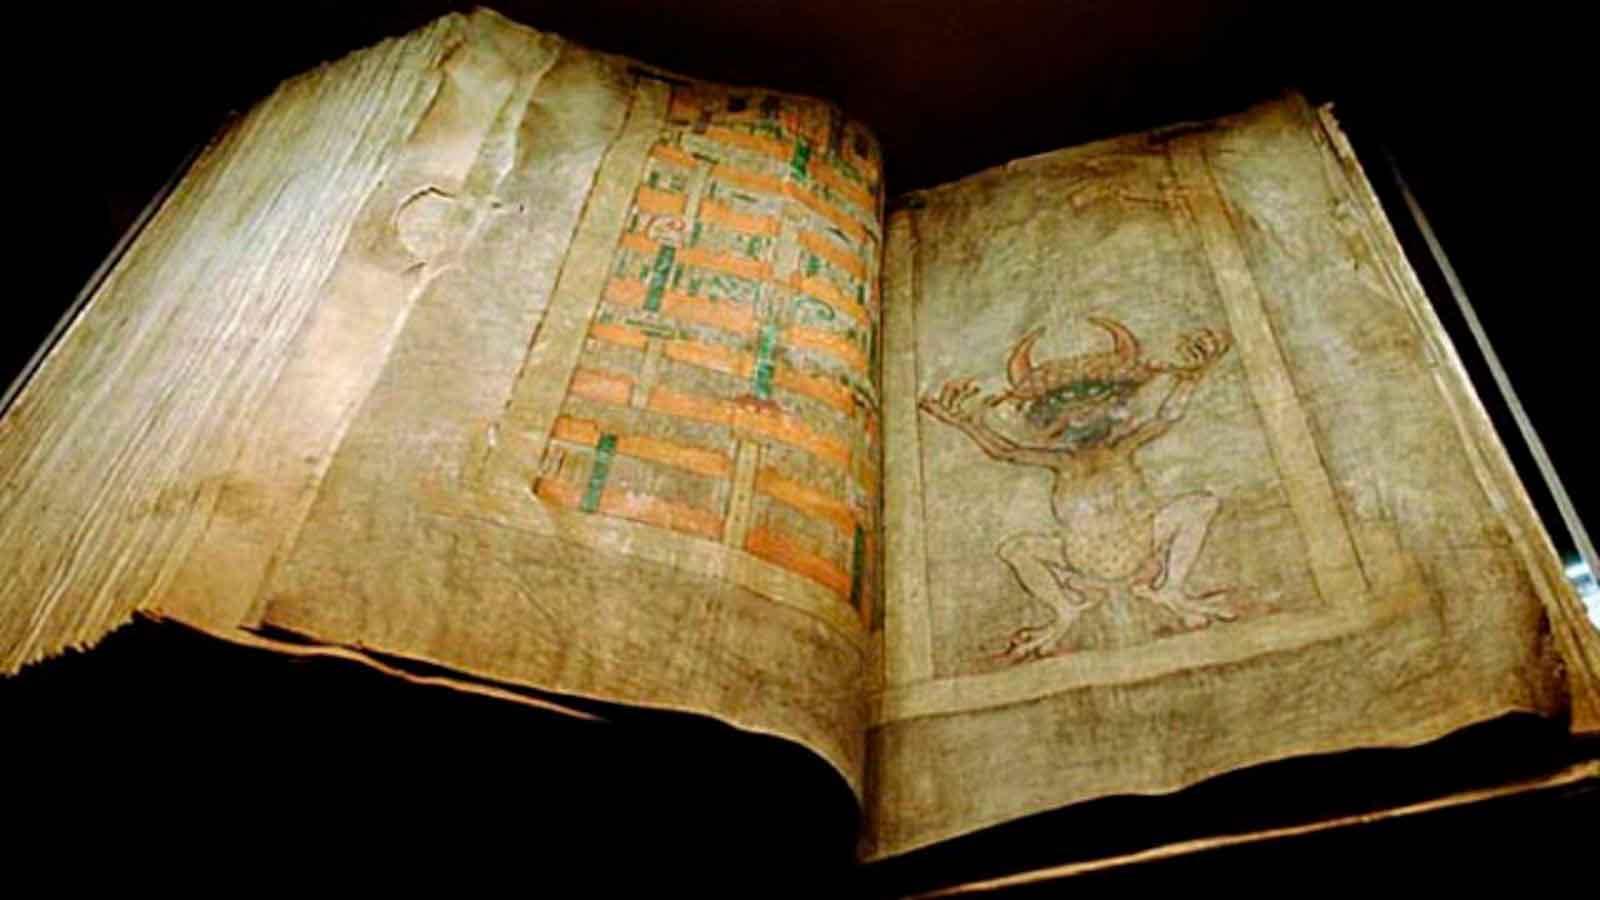 El misterio del Codex Gigas, la Biblia del Diablo